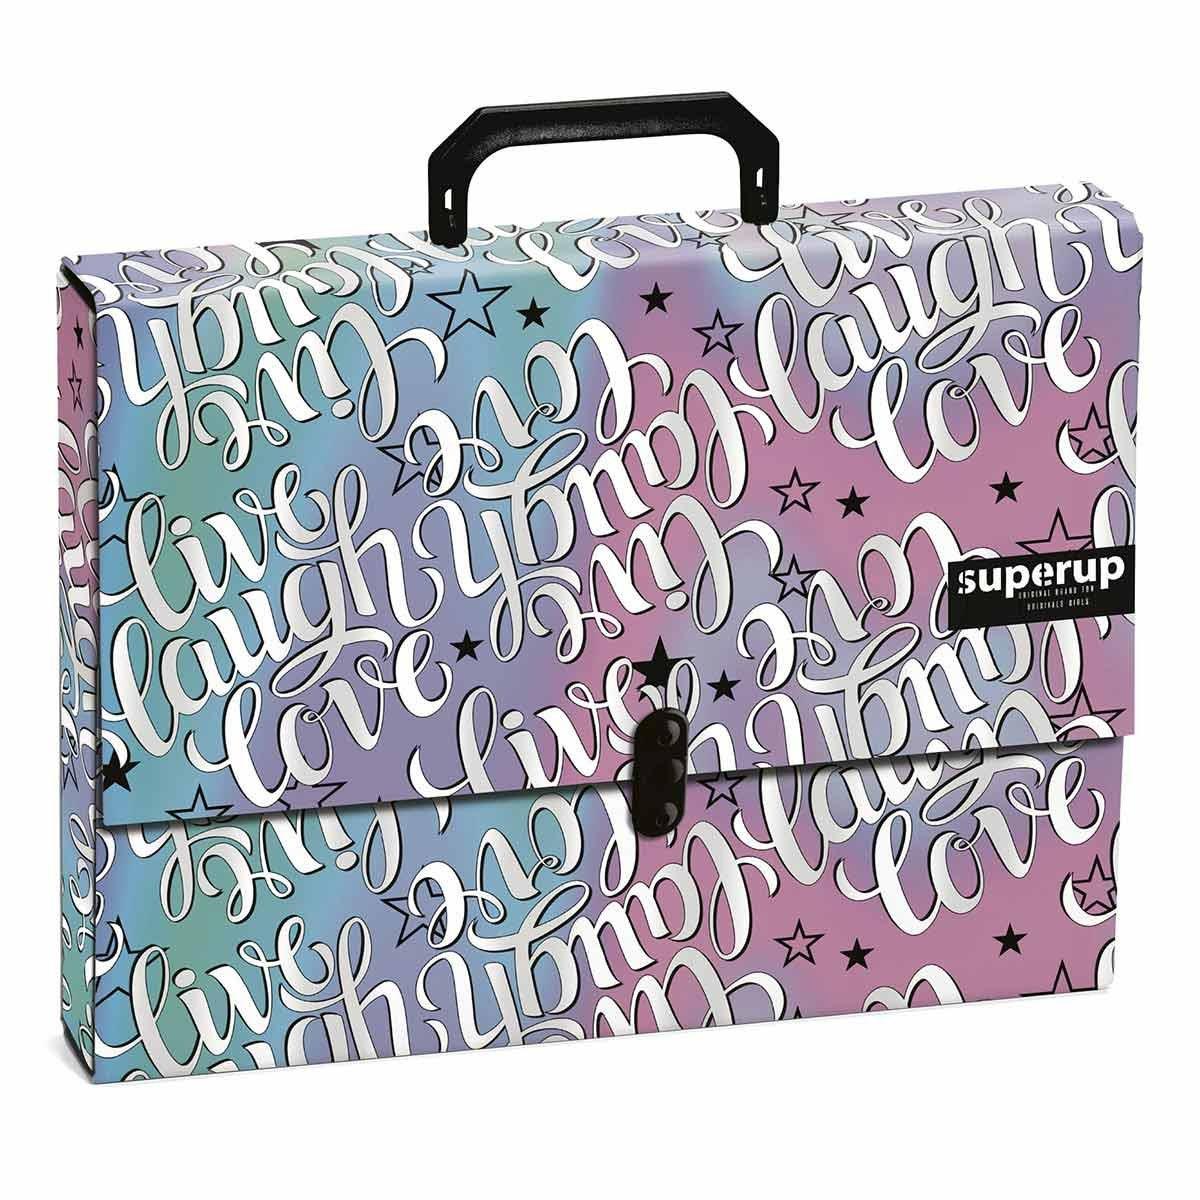 Busquets maletin de Cartó n. SUPERUP by DIS2